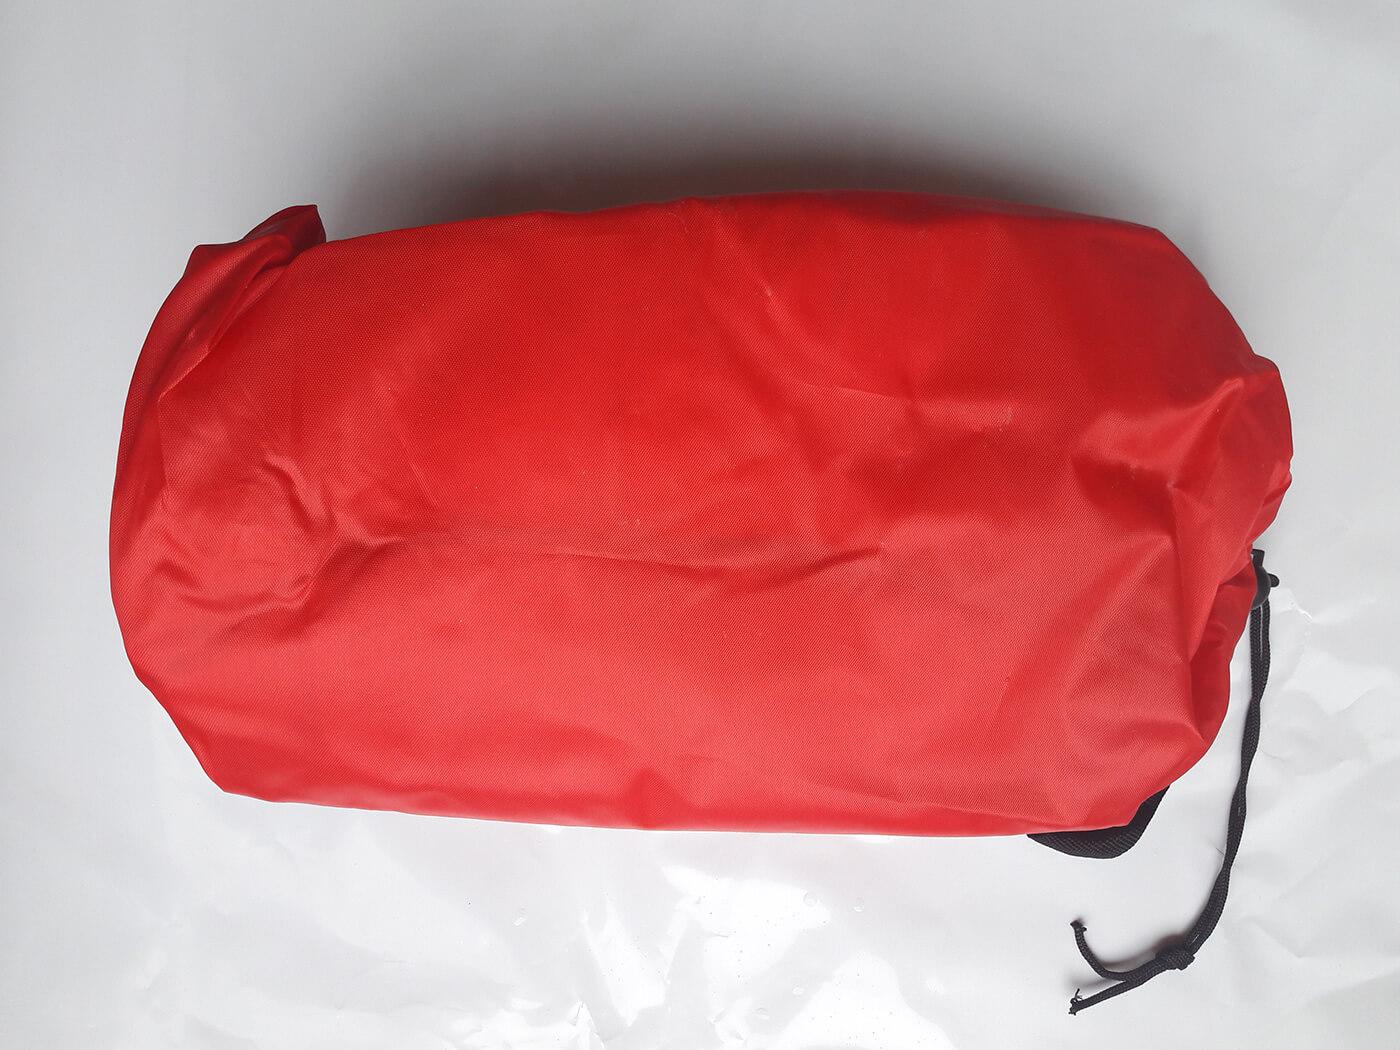 Nafukovacie ležadlo LazyBag červené